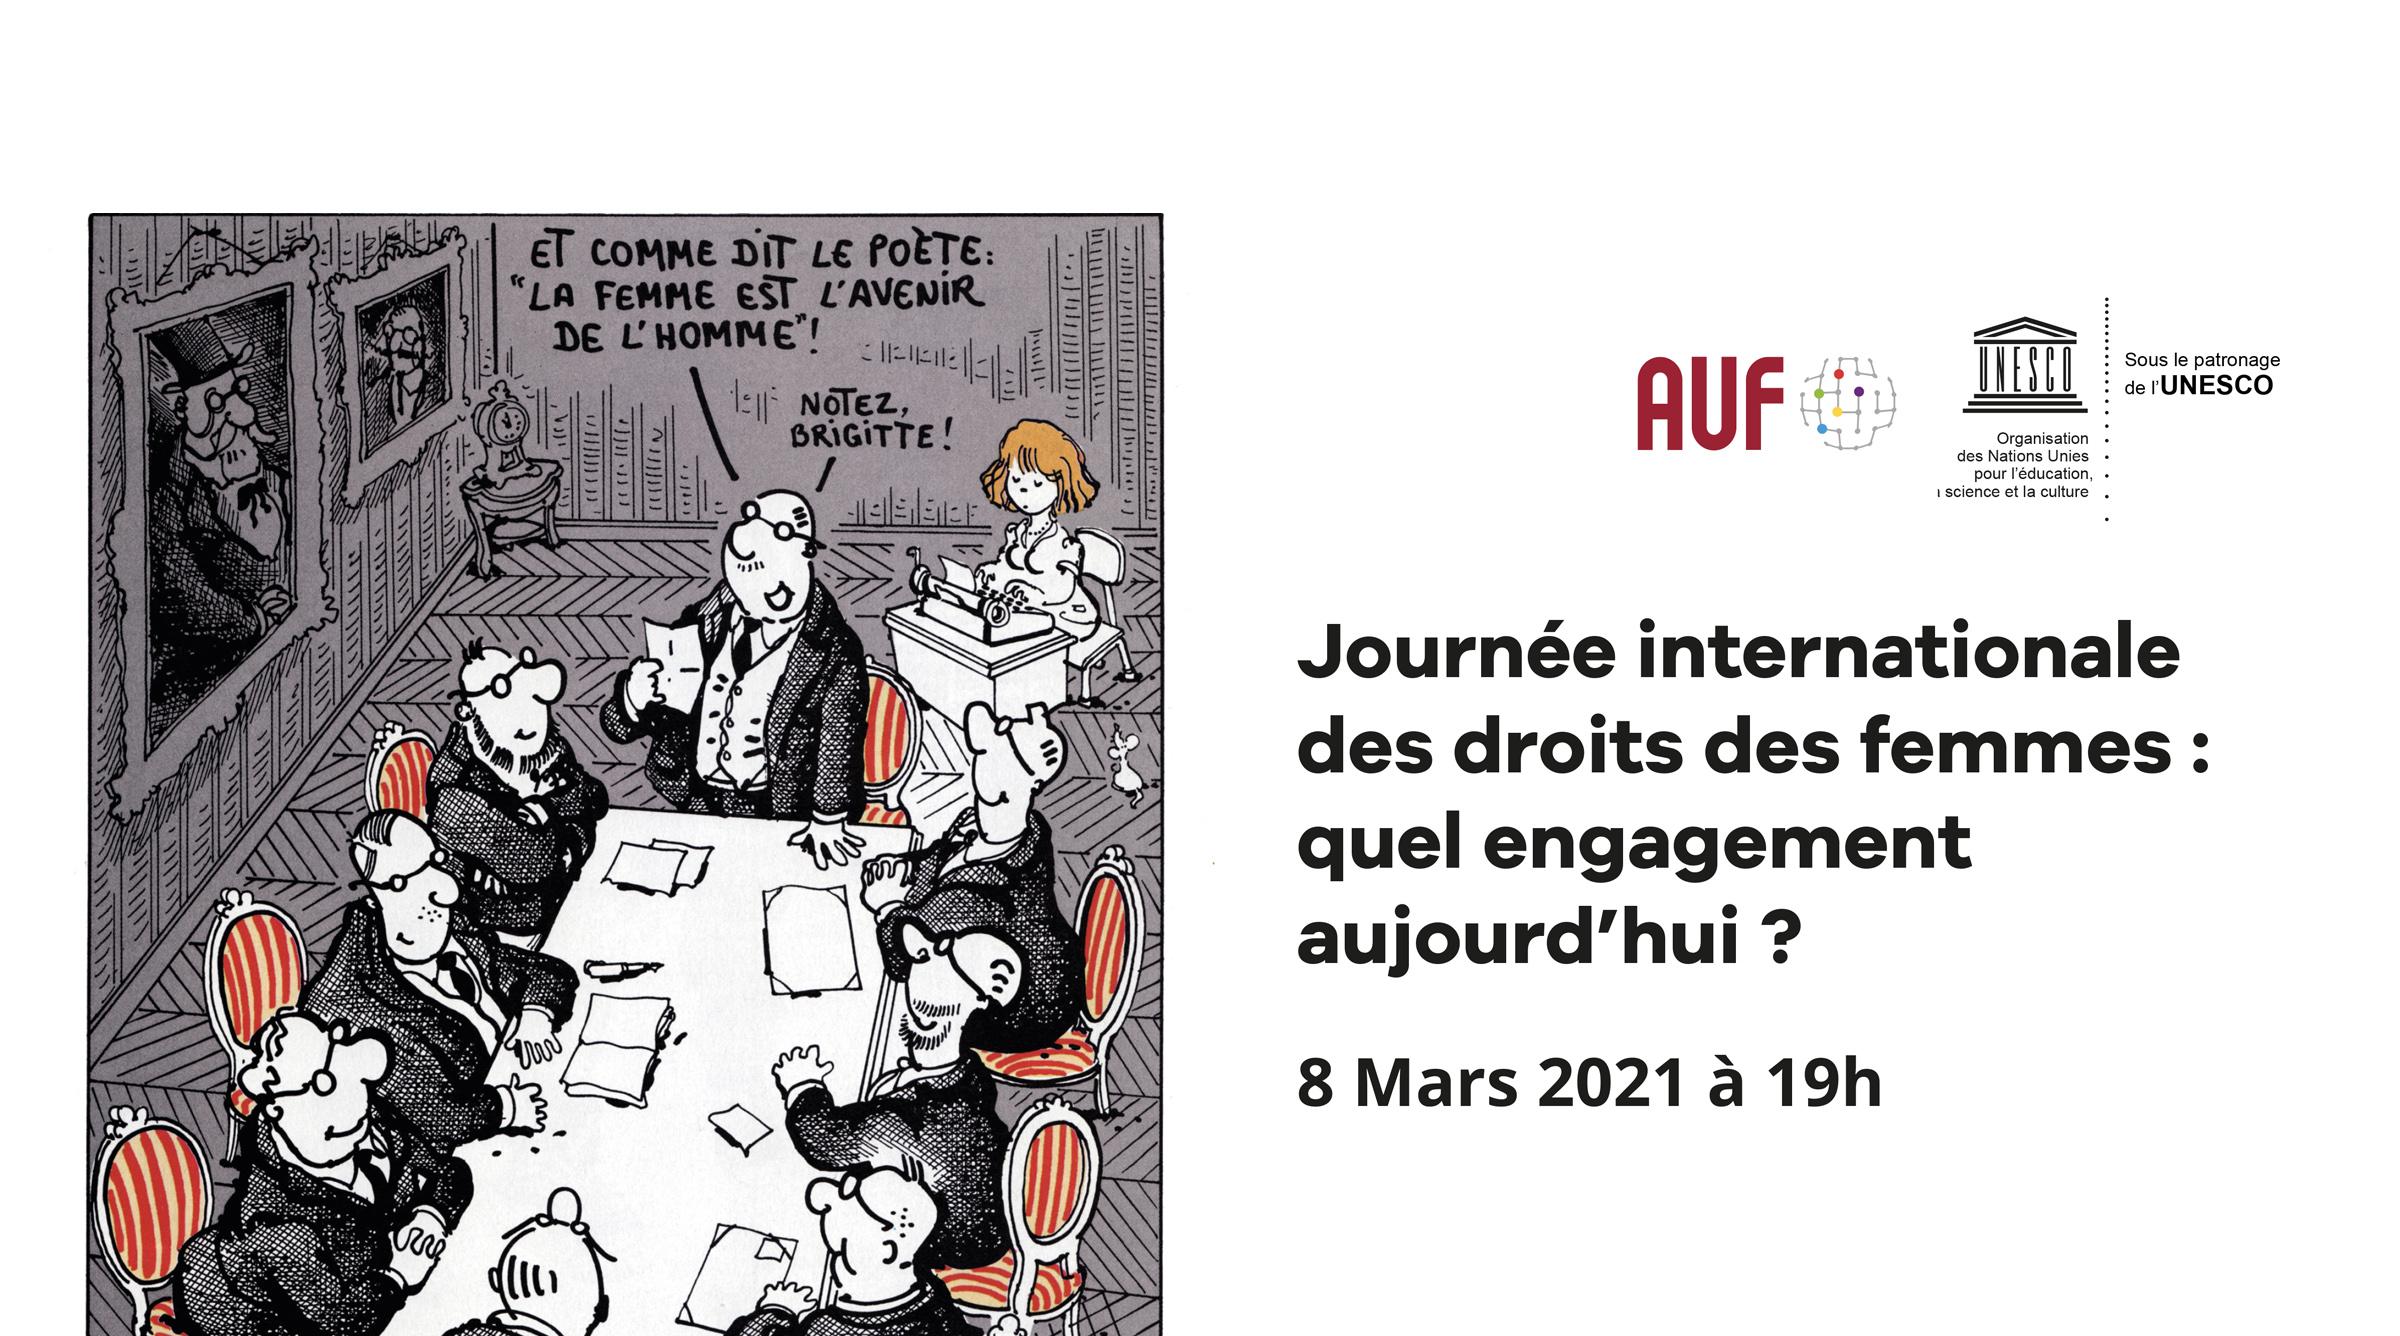 8mars-conf-AUF-UNESCO-Carroussel-SiteWebAUF